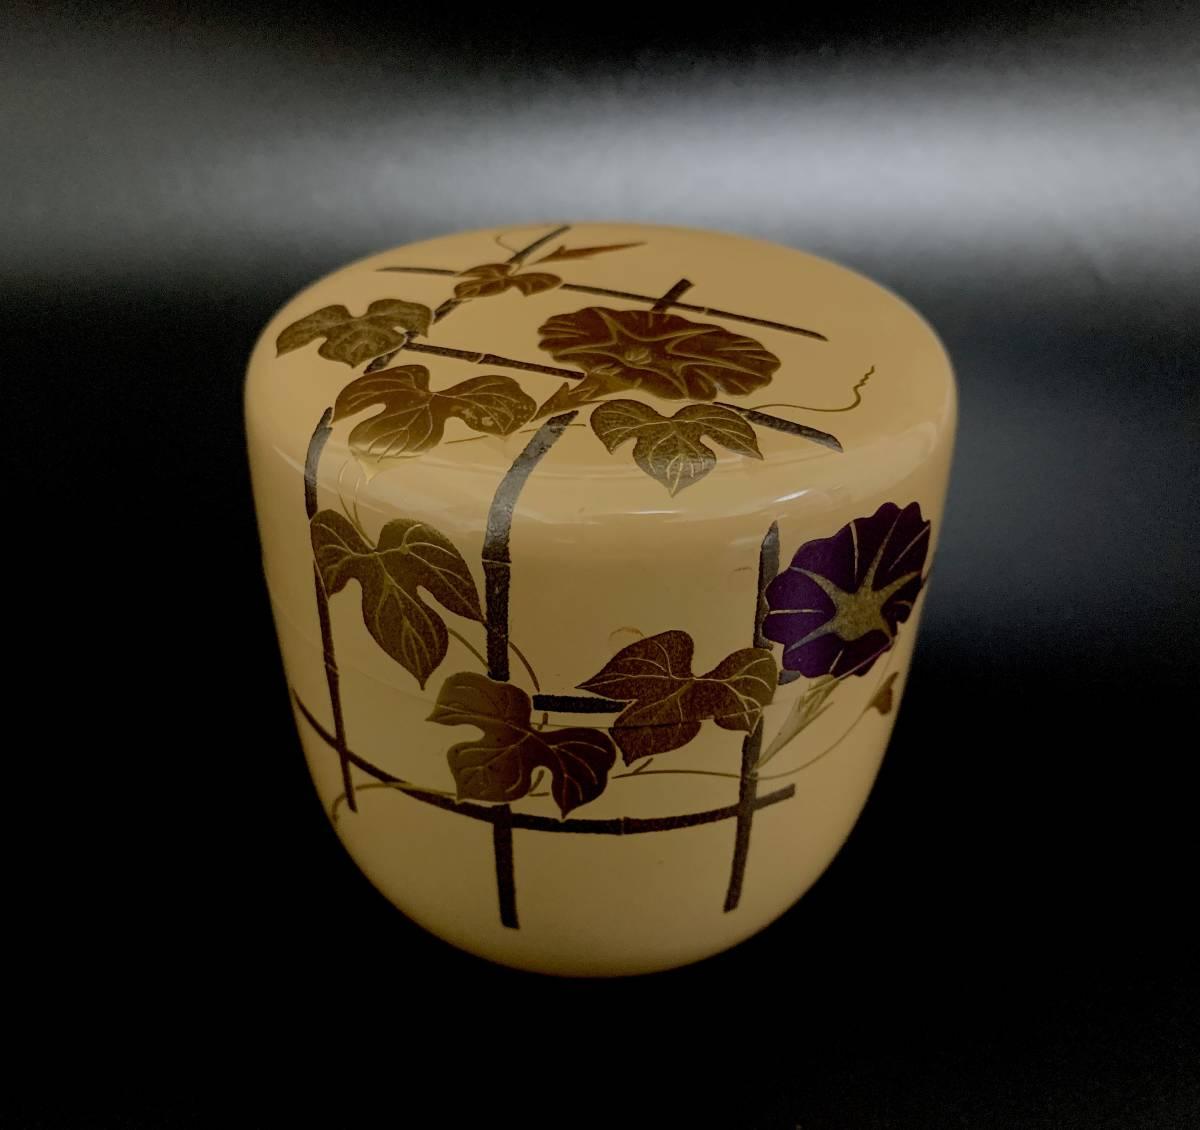 ◆坪井英憲(夕帆)作◆朝顔蒔絵 大棗 輪島塗 茶器 茶道具 共箱付き 伝統工芸品_画像2